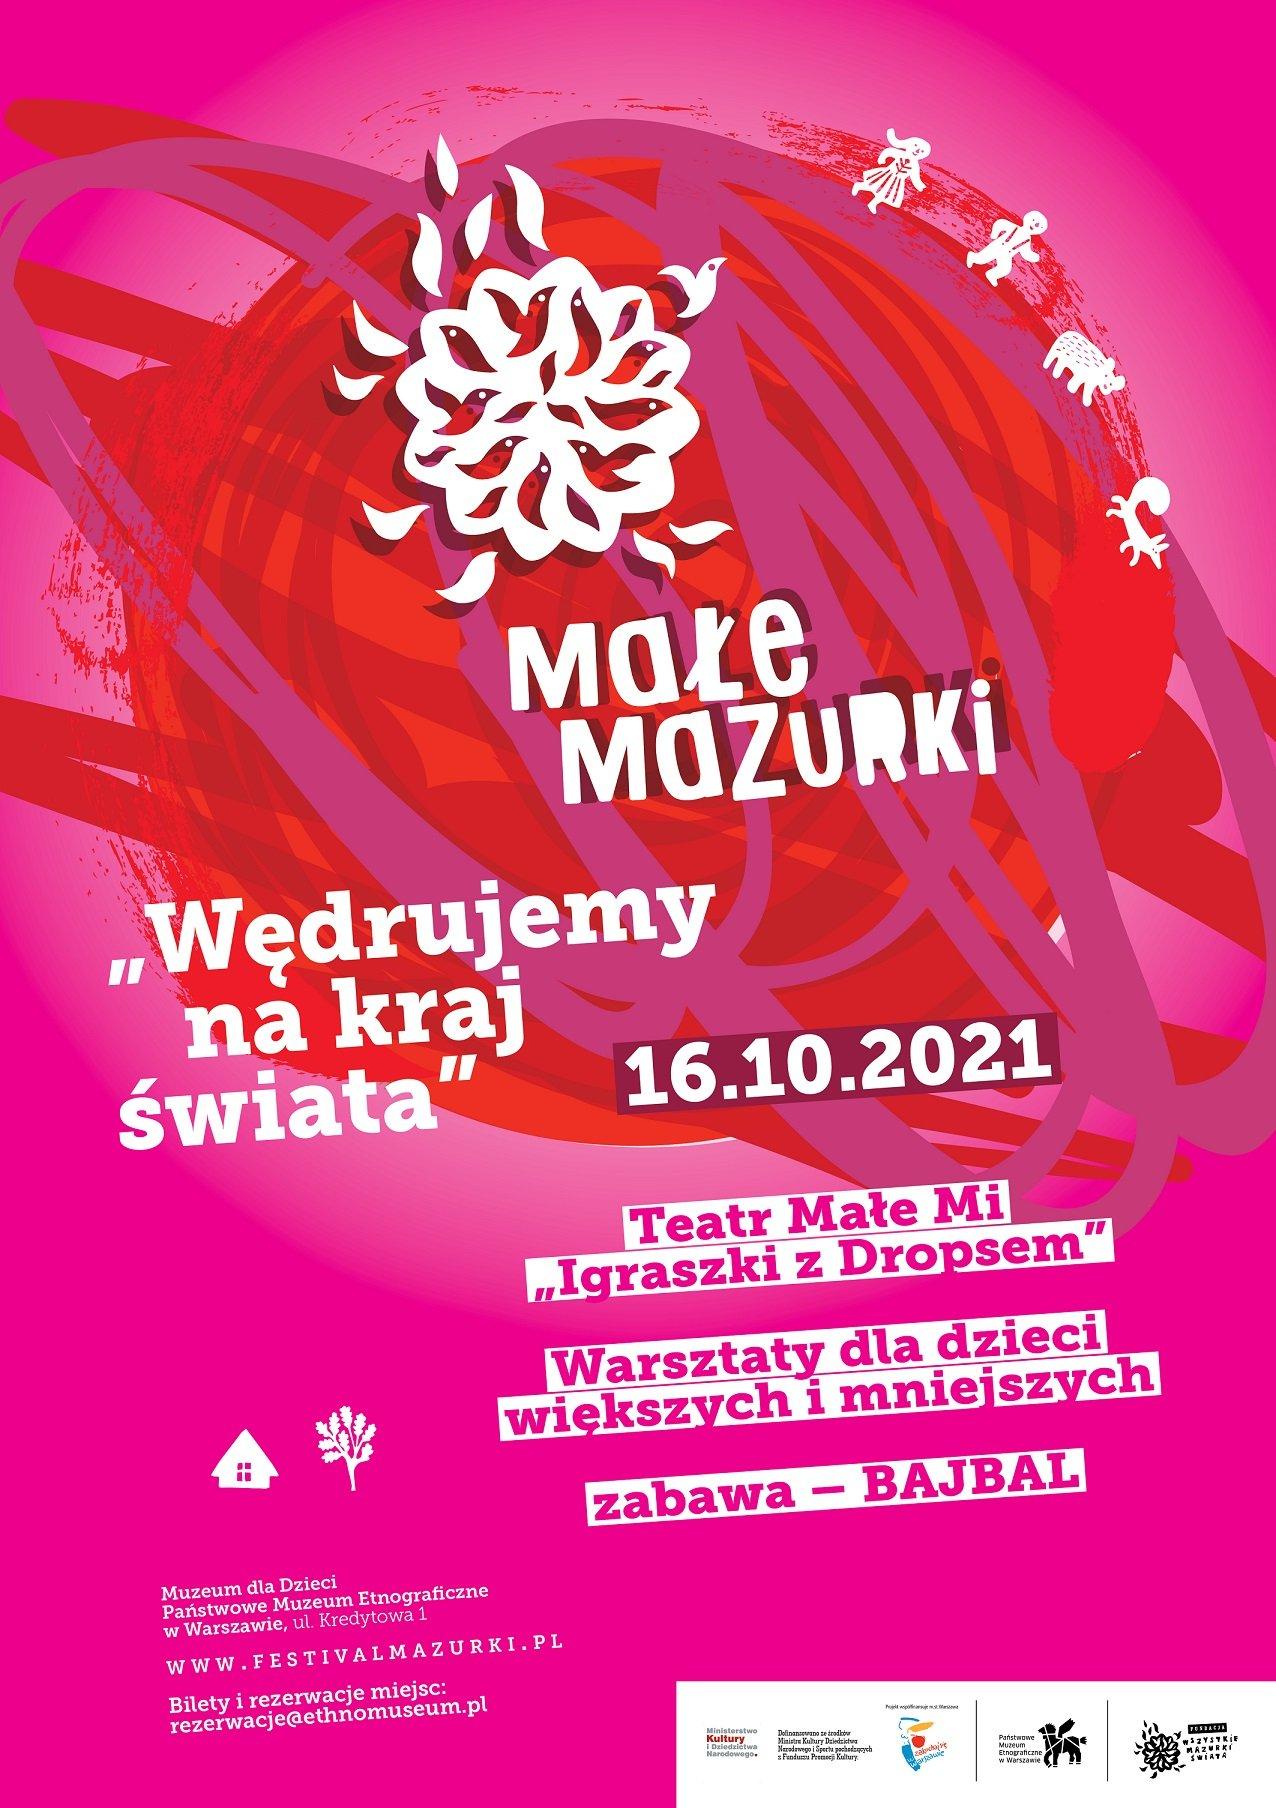 Festiwal rodzinny Małe Mazurki w Państwowym Muzeum Etnograficznym w Warszawie